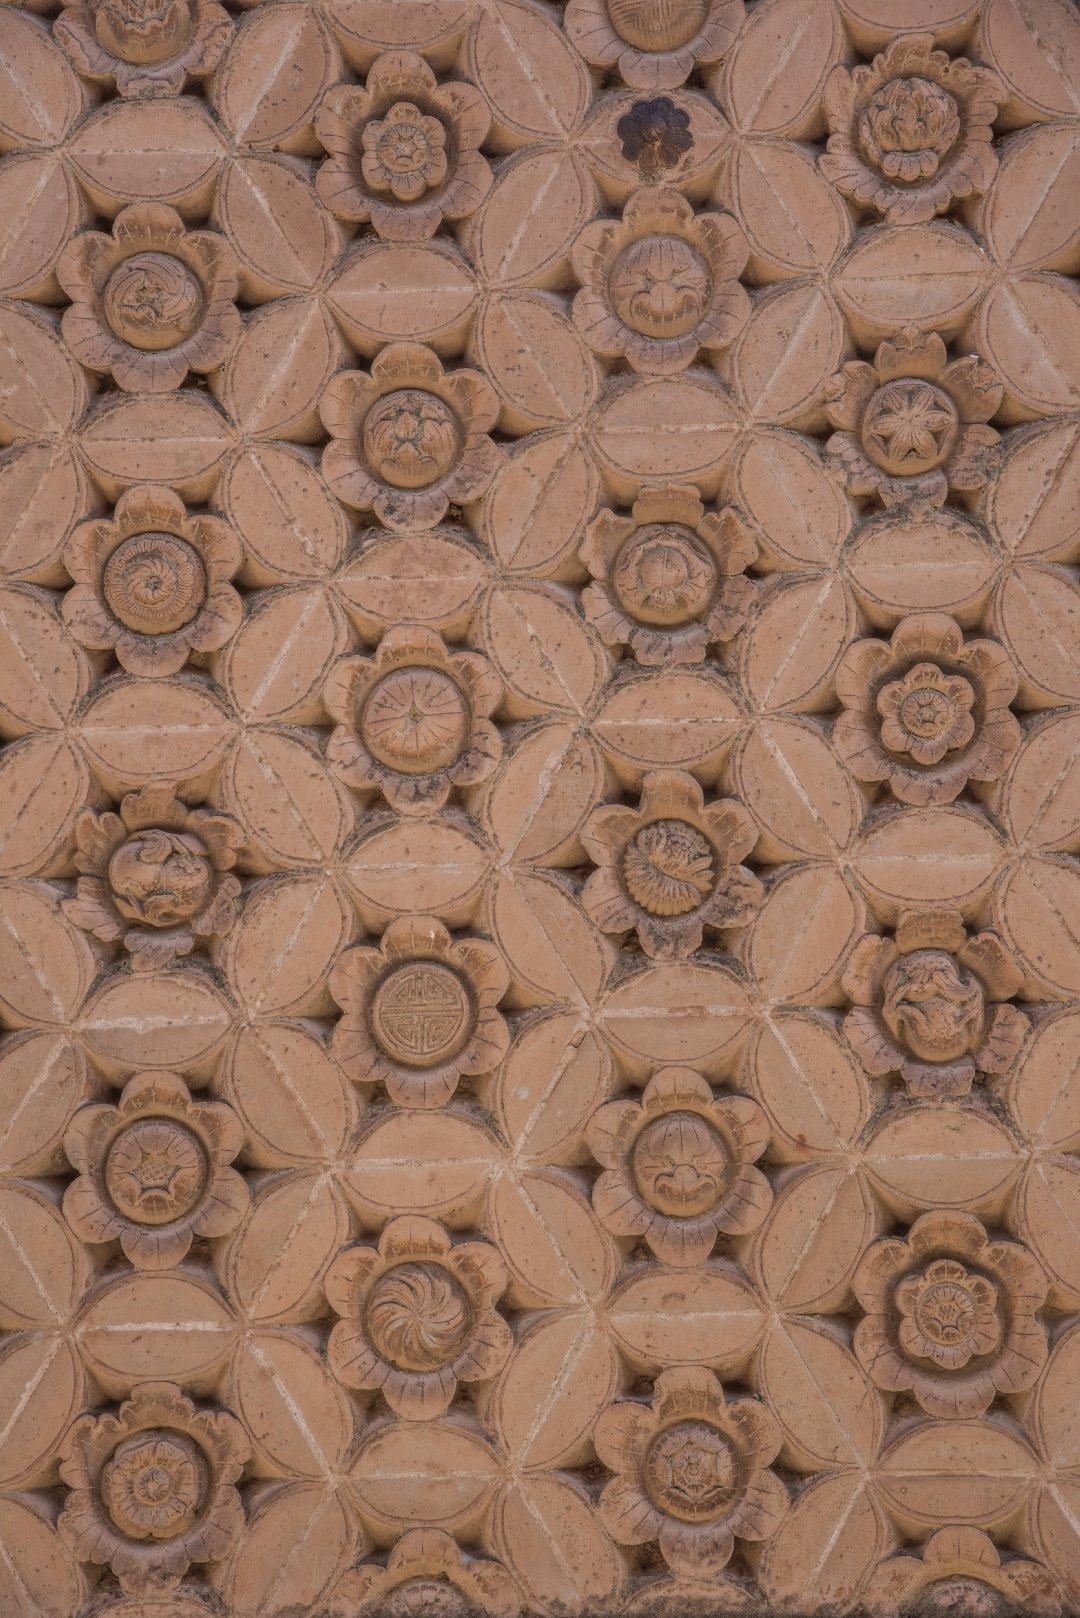 青海洪水泉清真寺的砖雕百花照壁,墙面上有数百朵砖雕的花